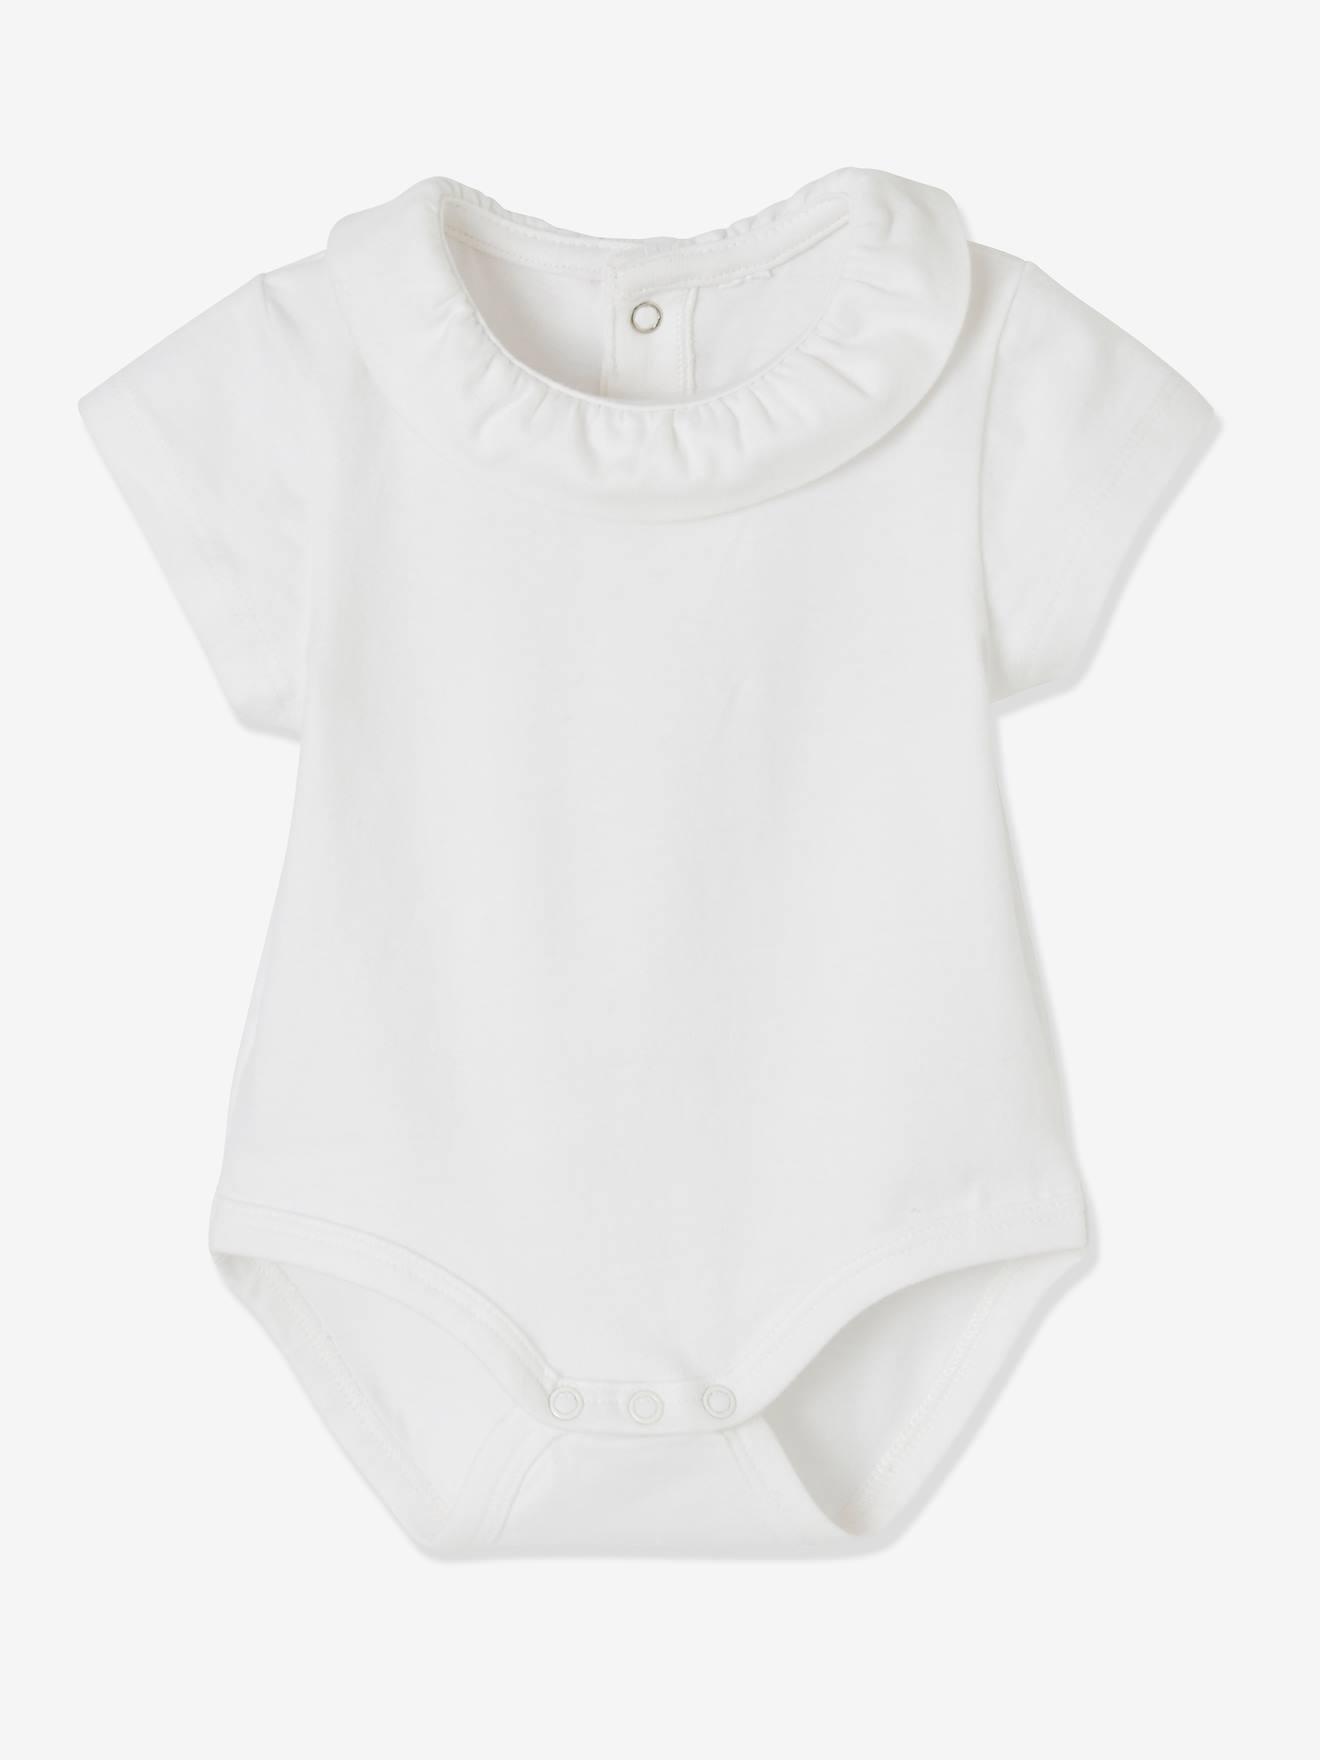 Vertbaudet Baby Girls Bodysuit white white 1M 54CM